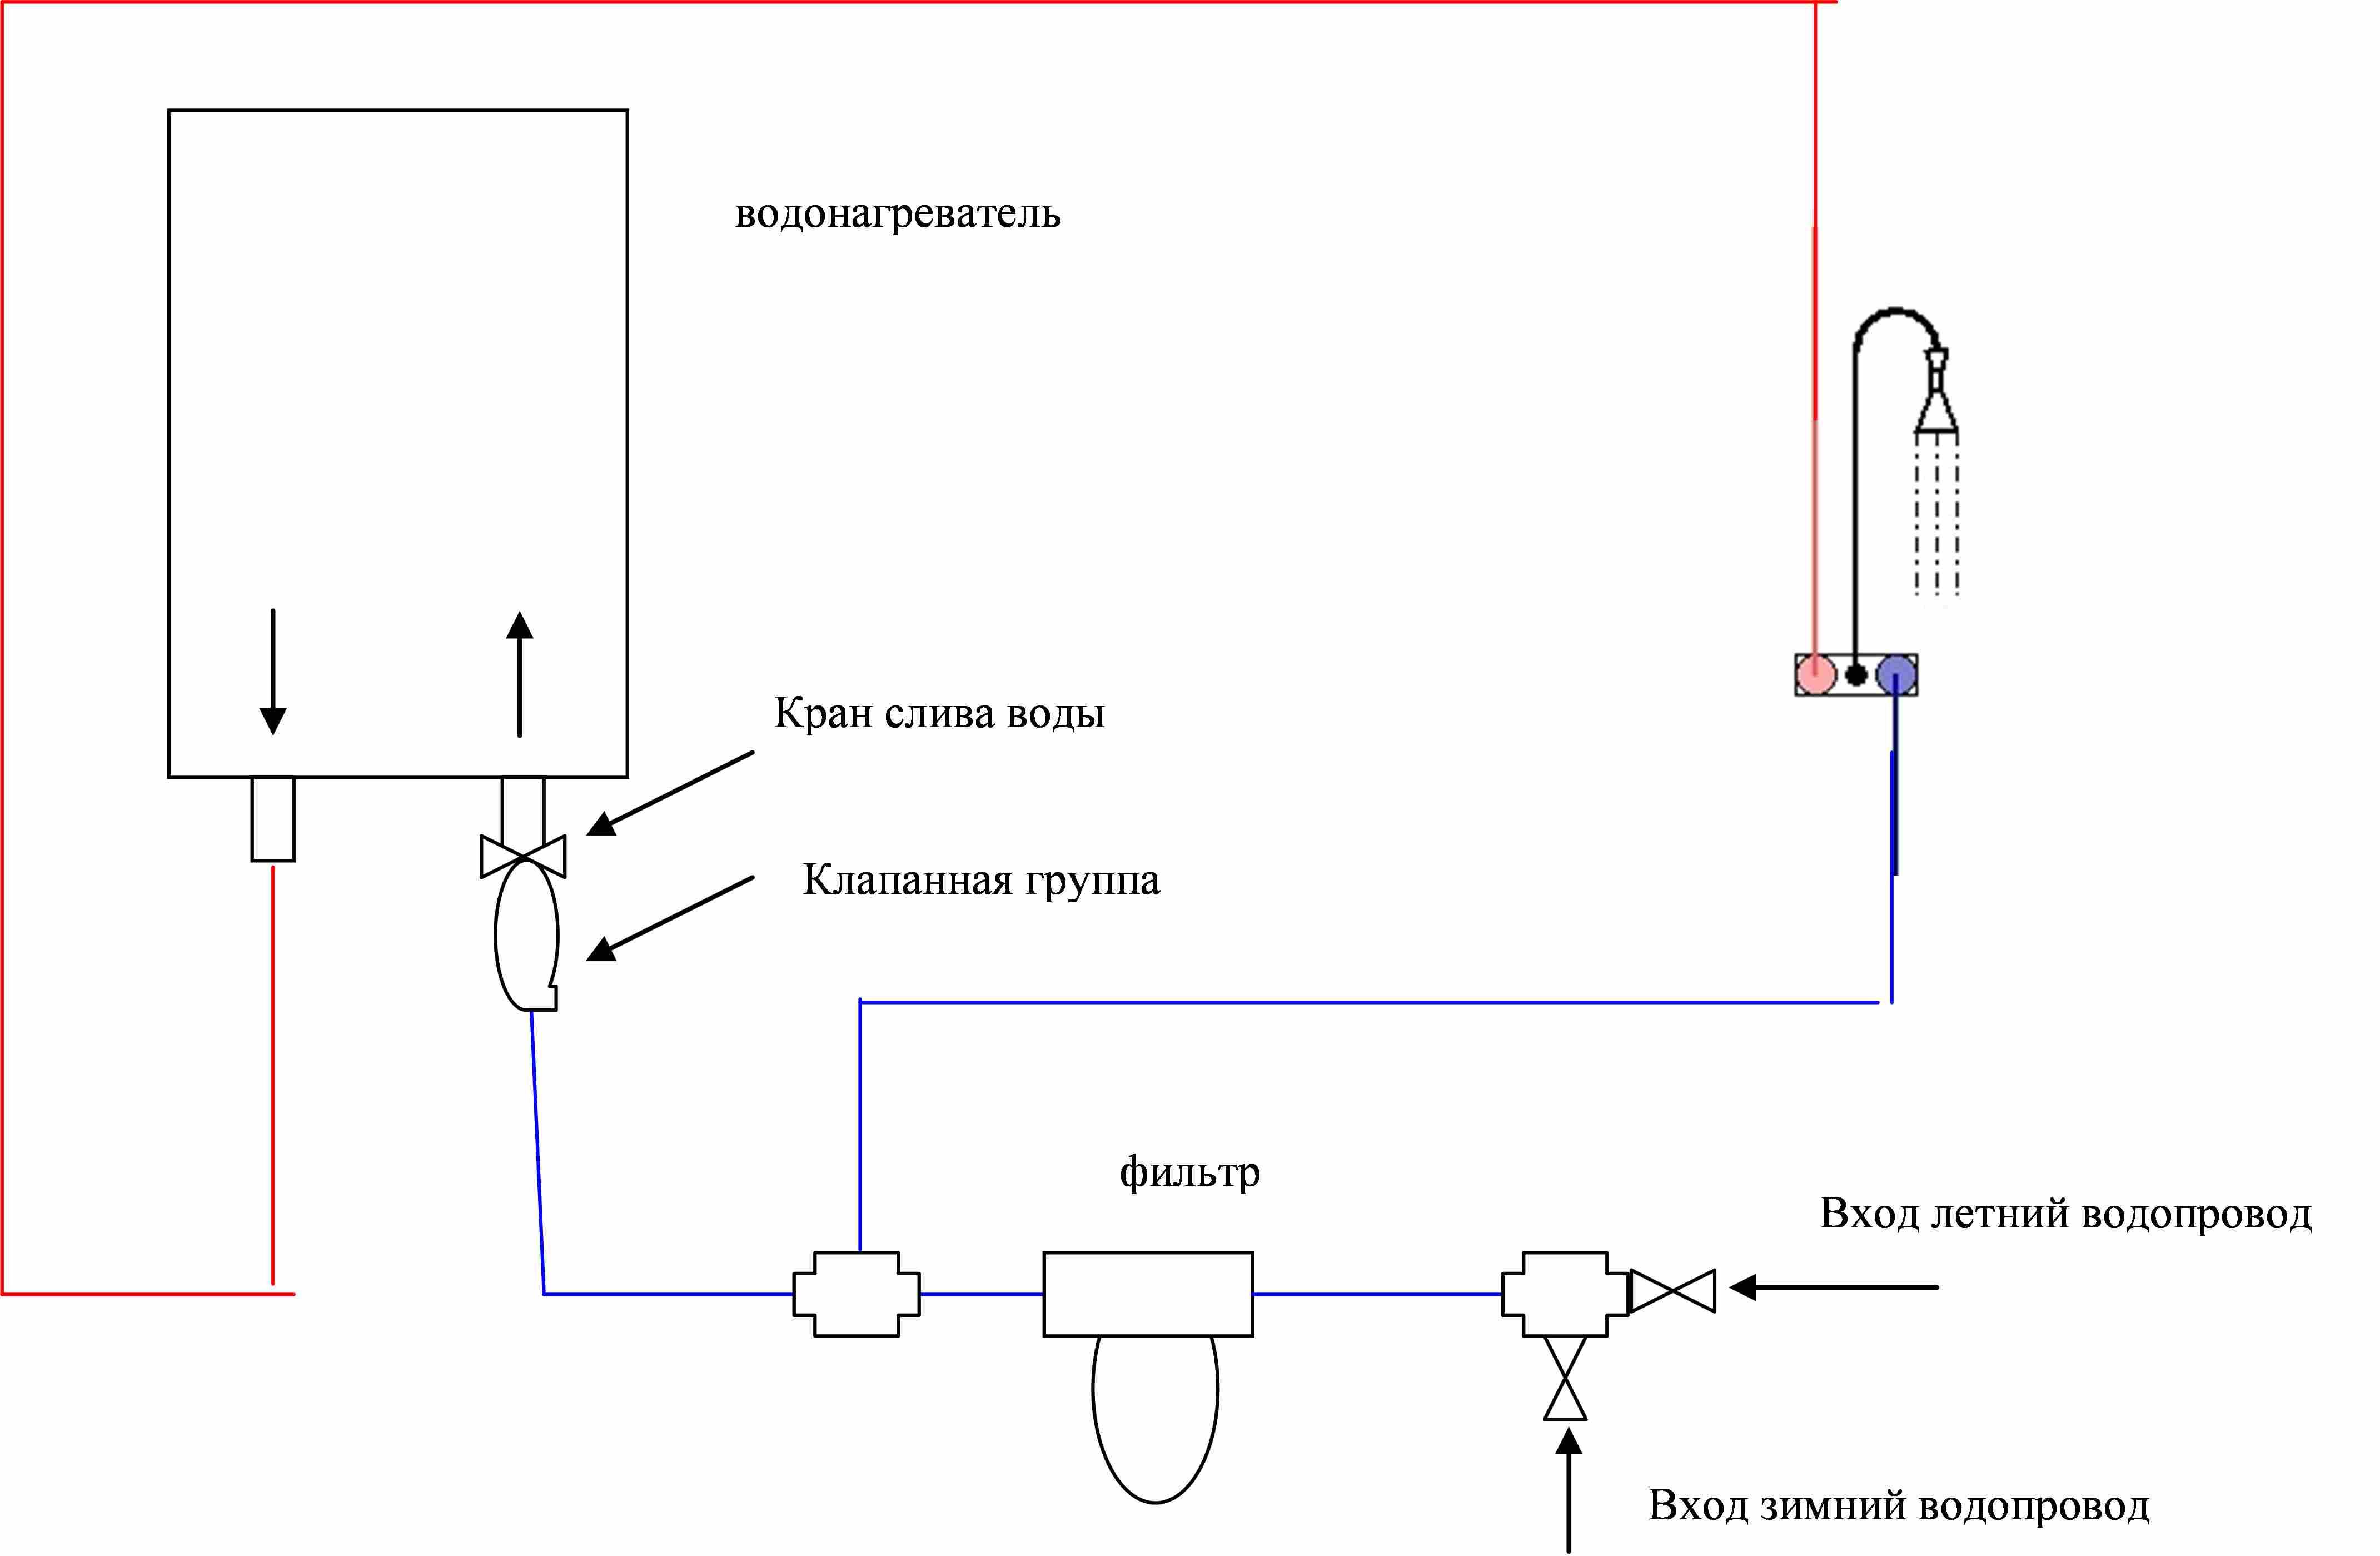 Как сделать слив в бане - пошаговая инструкция + фото и видео